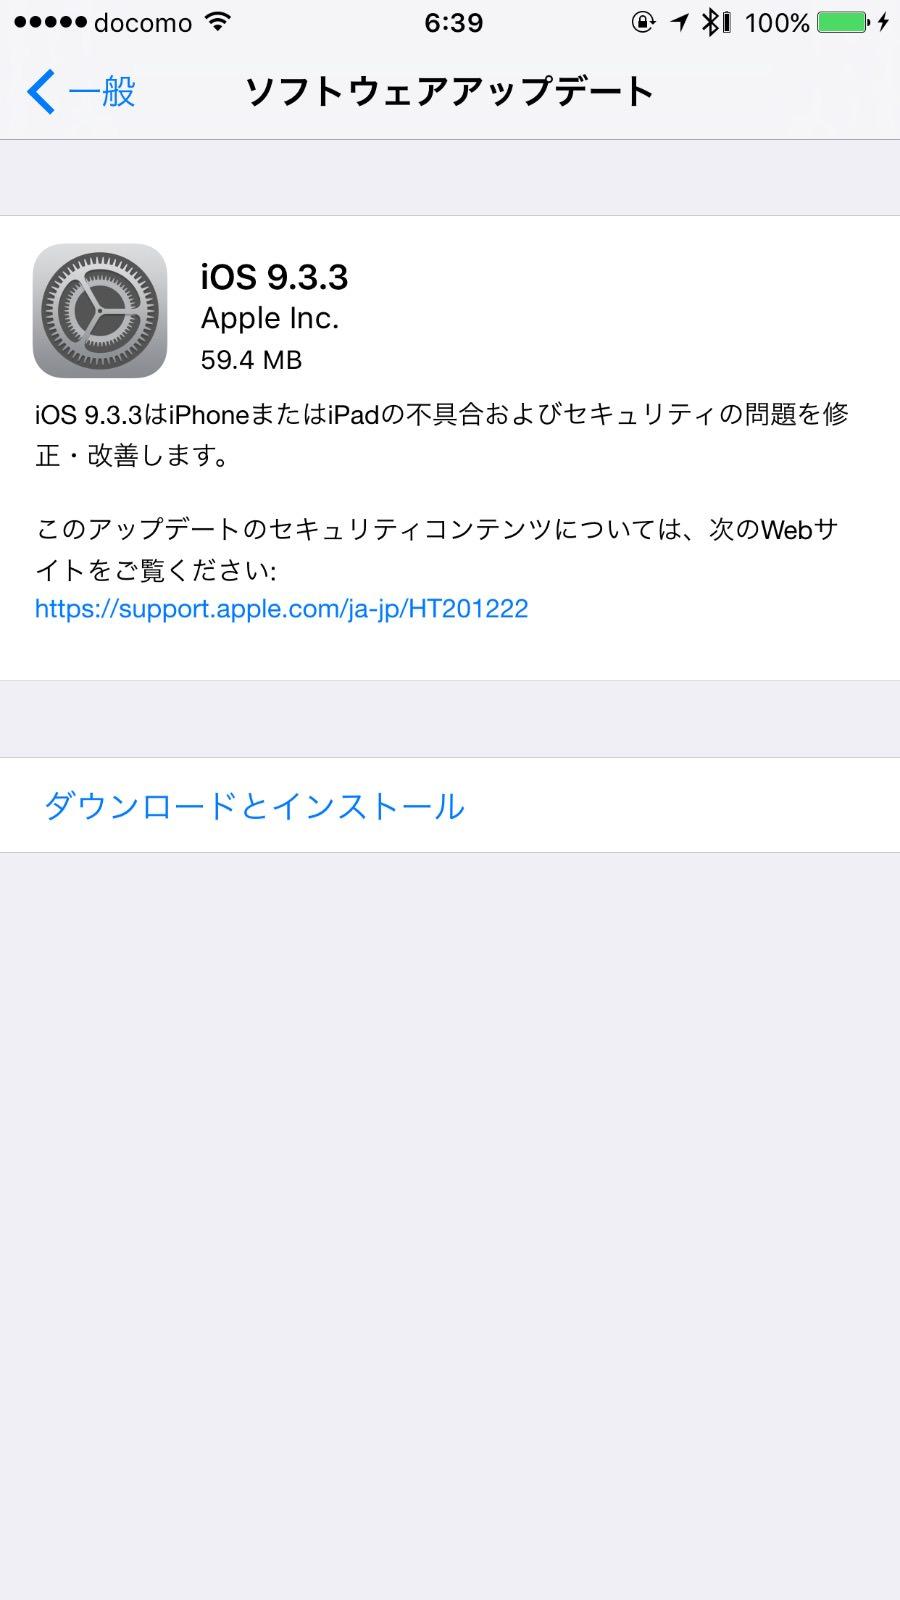 「iOS 9.3.3」ソフトウェアアップデートリリース